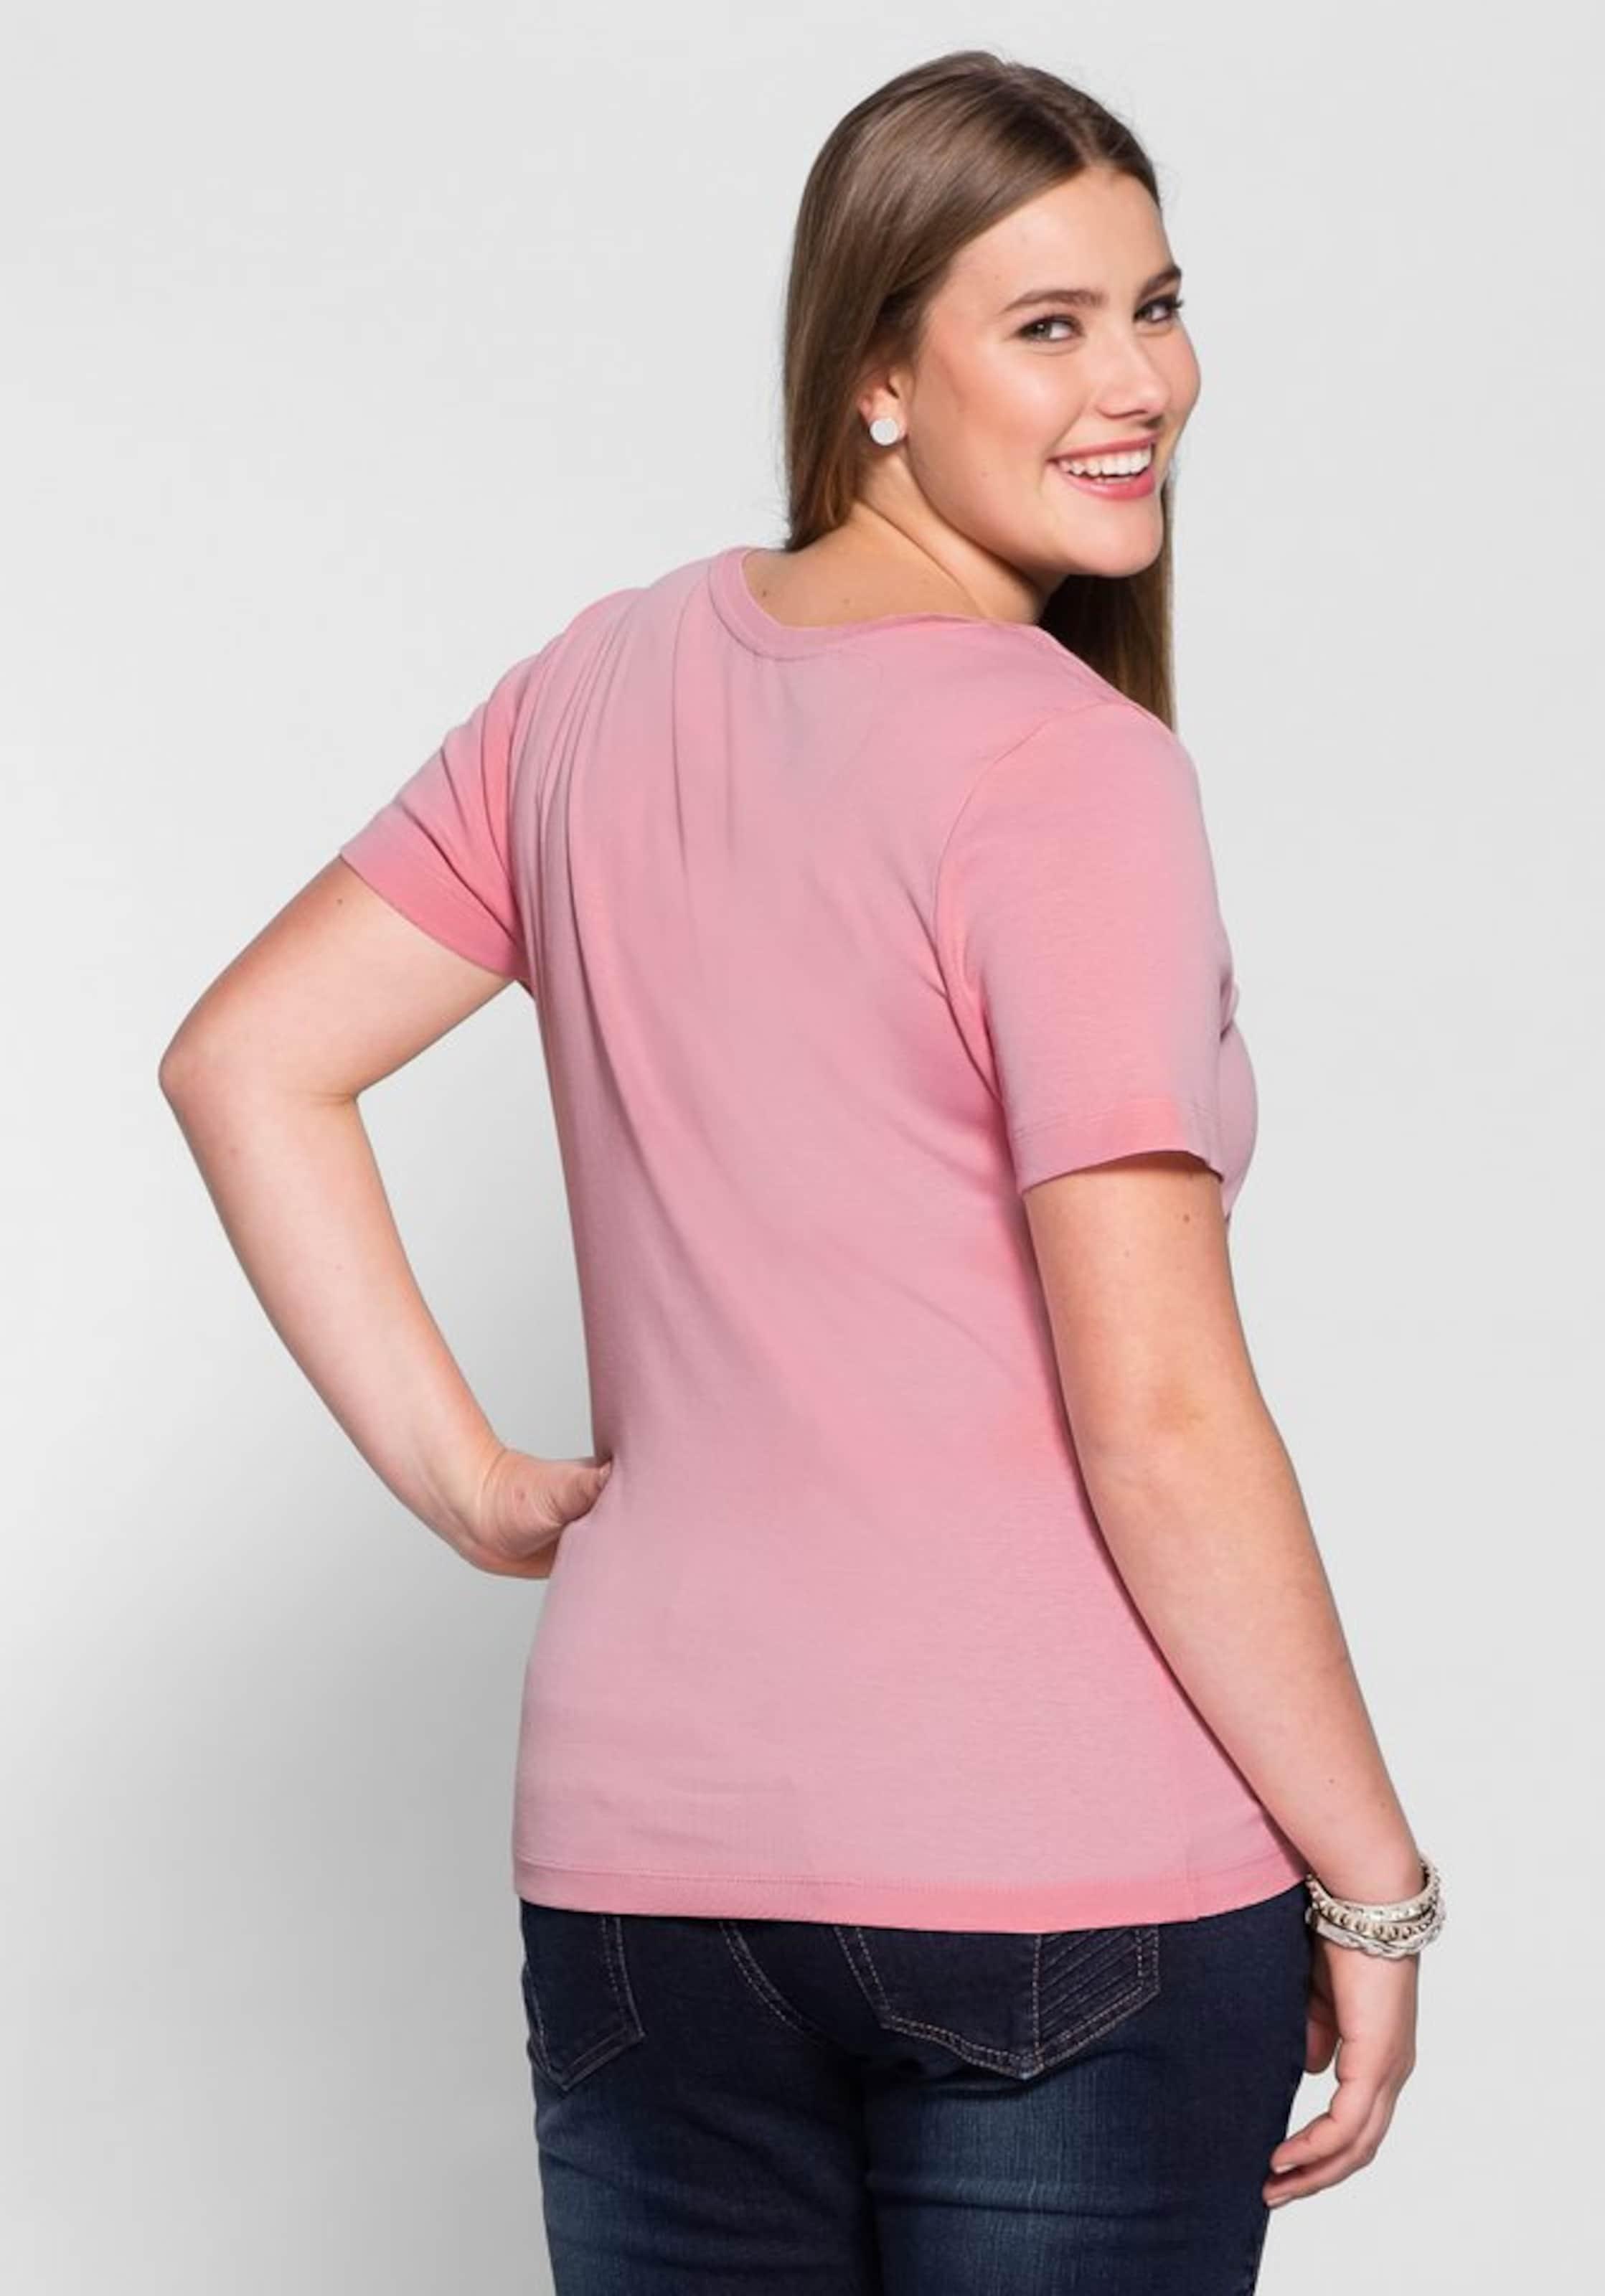 sheego Basic Basic T-Shirt Erkunden Online OM52R